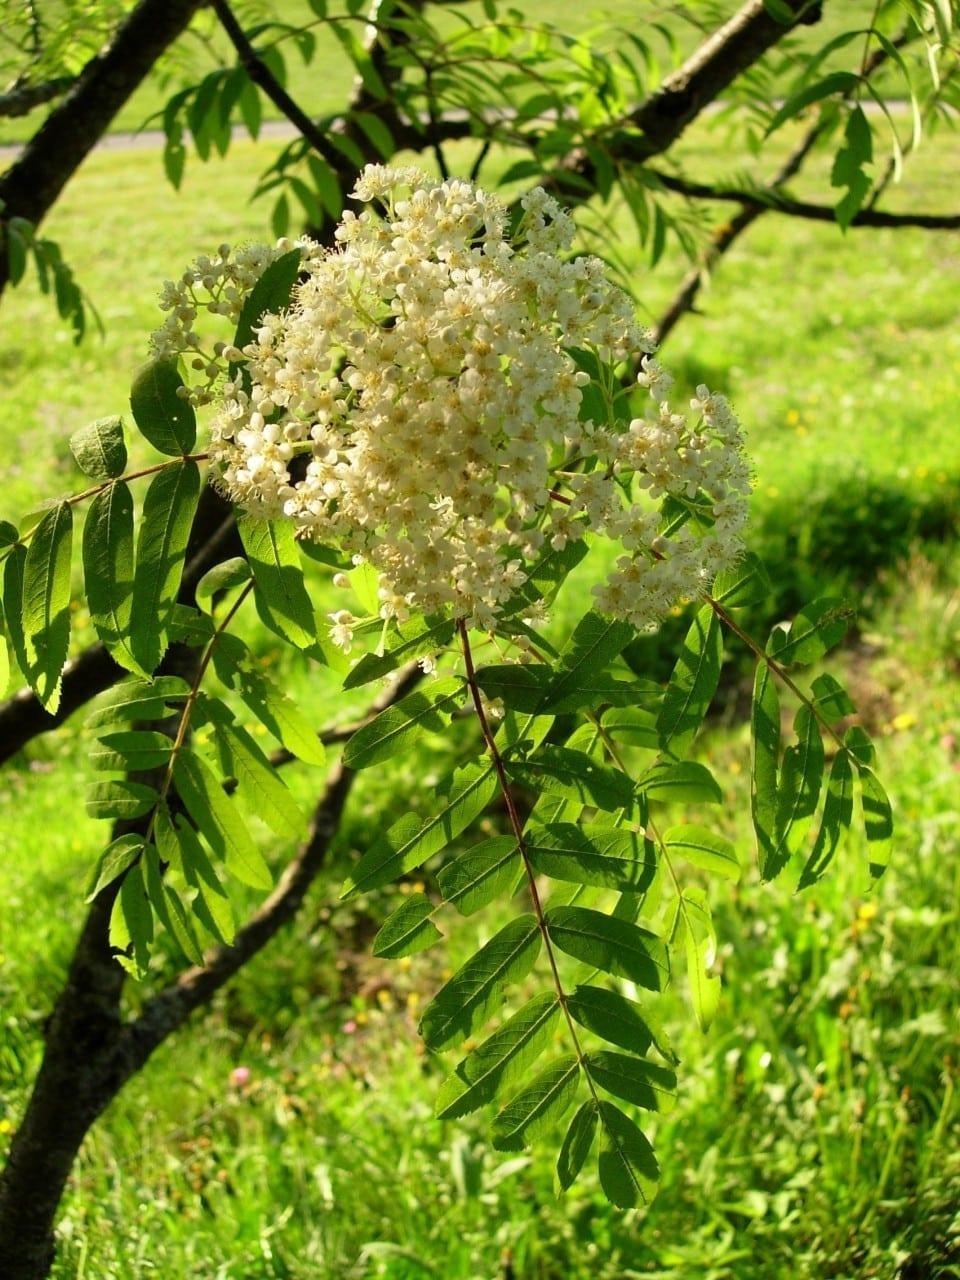 04.10.-13.10. Eberesche: Hochzeitsbaum der Lebensfreude